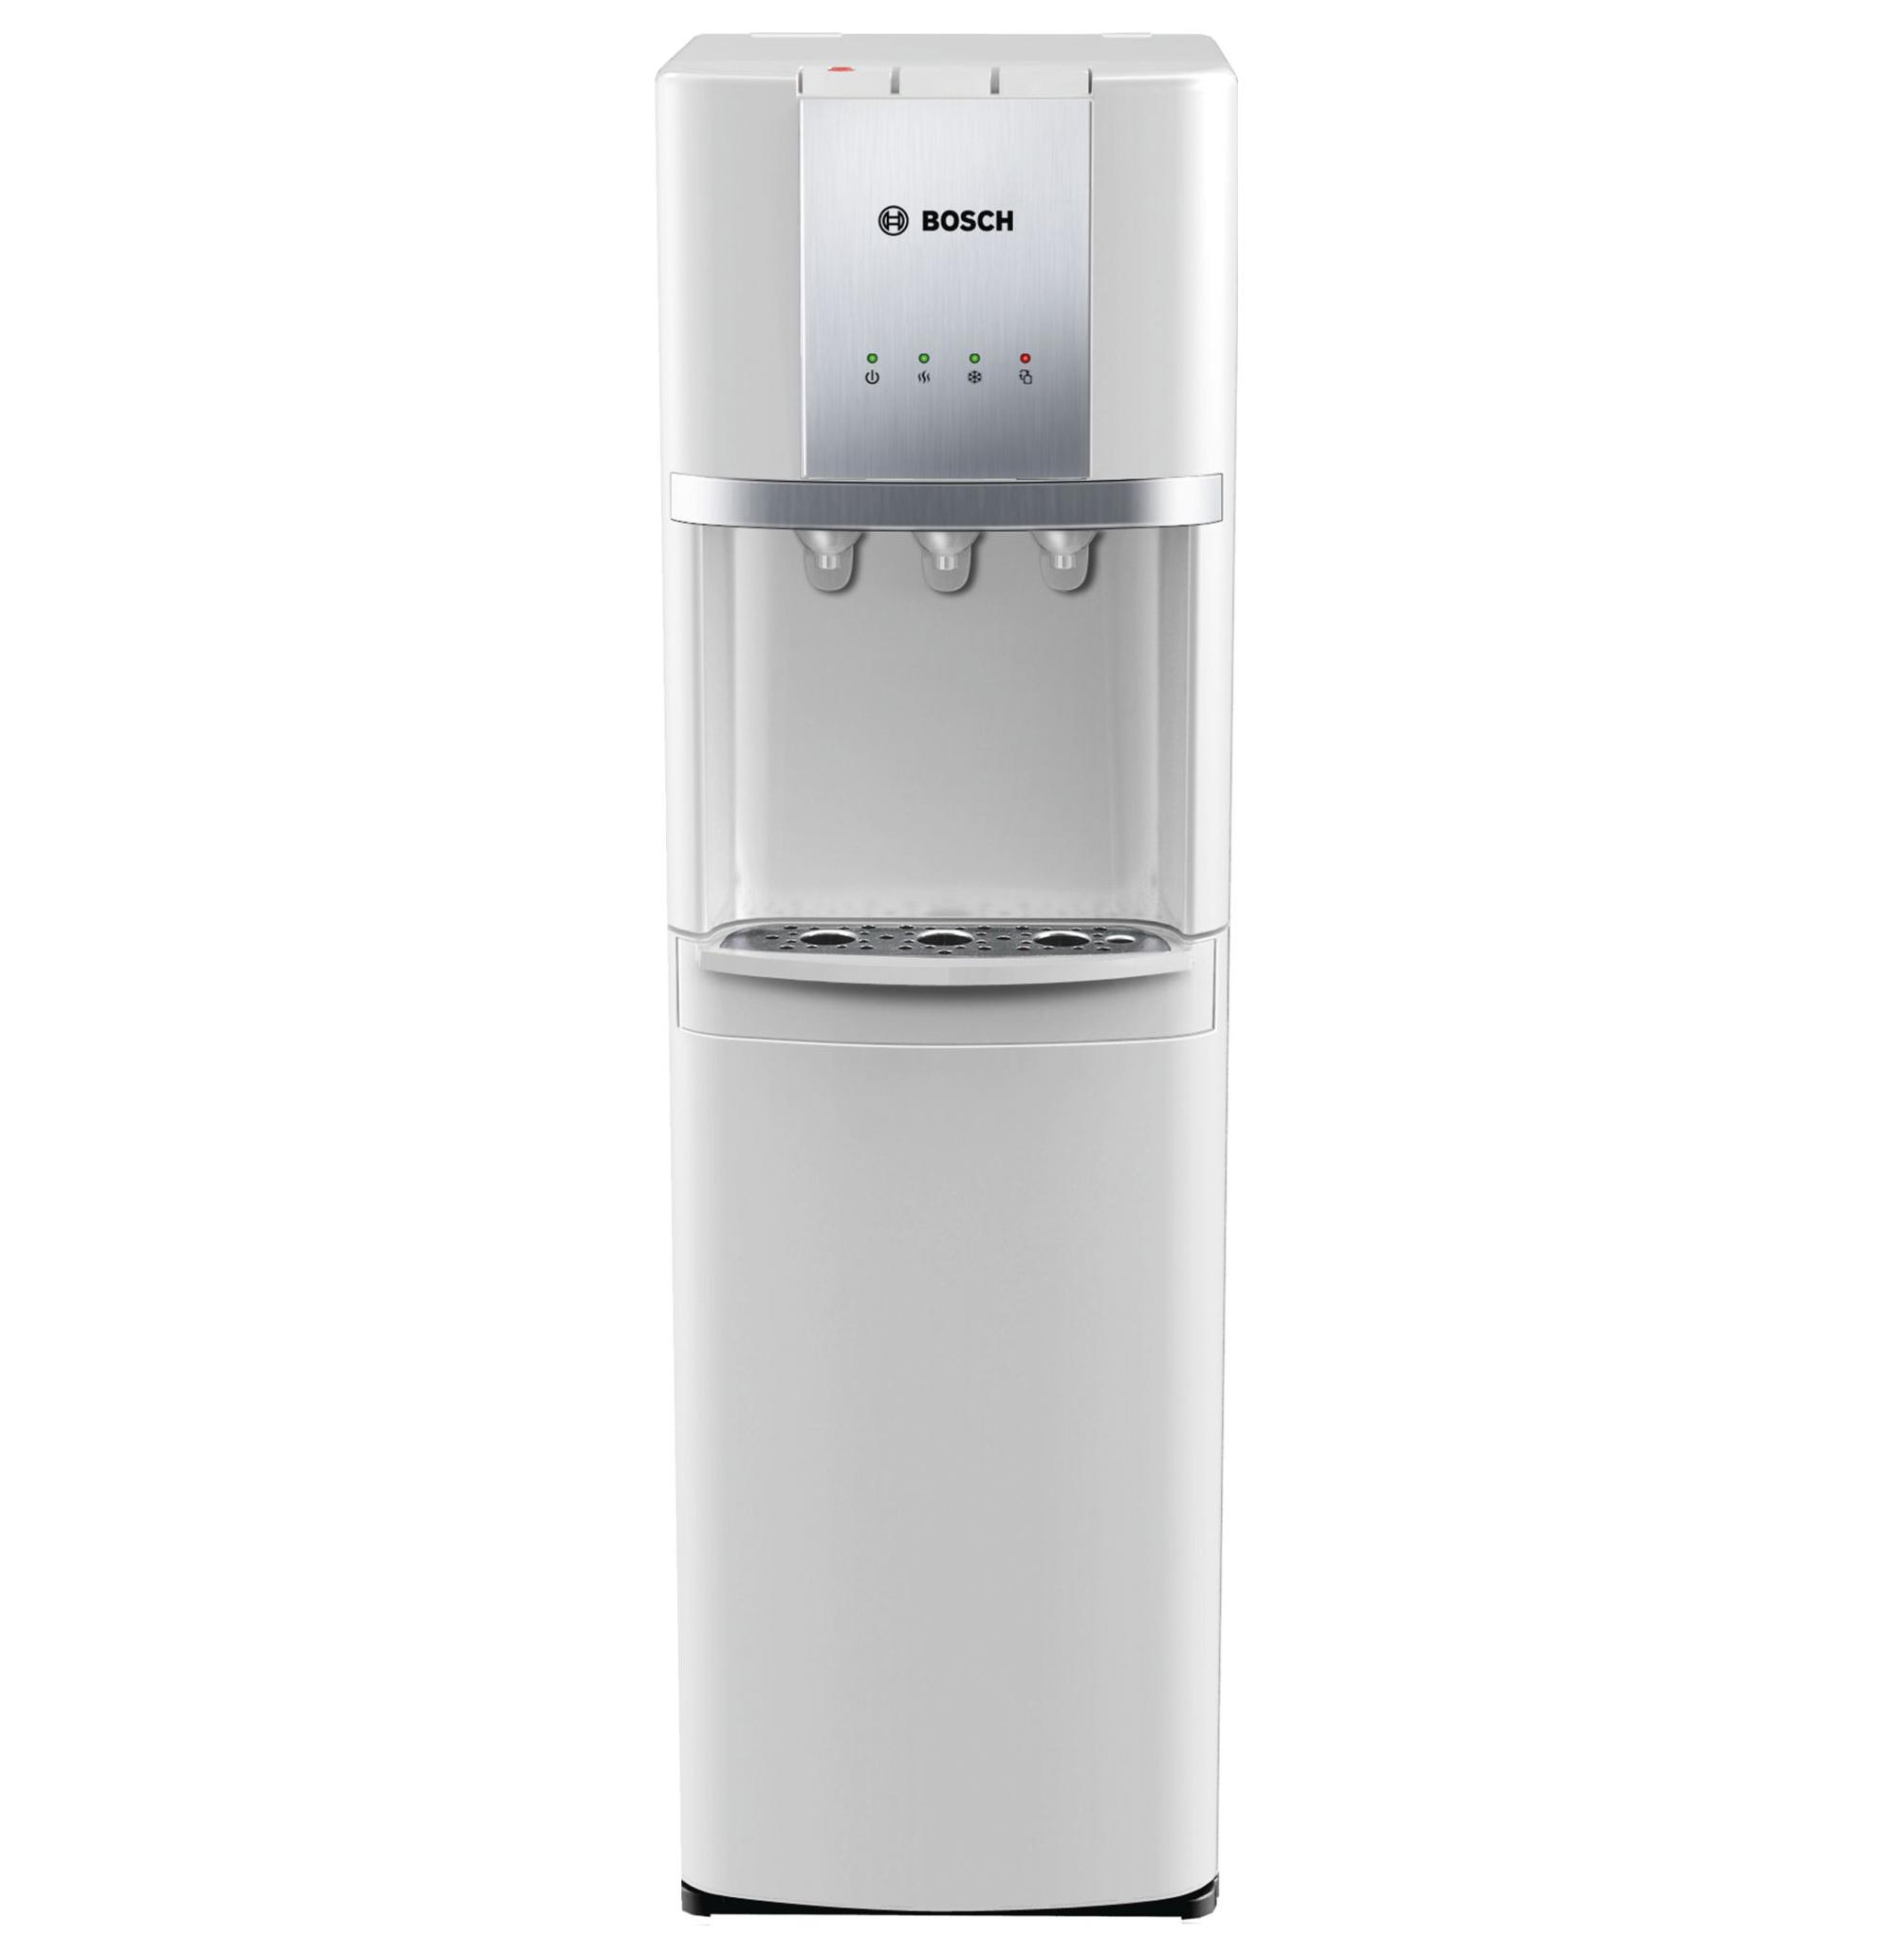 آبسردکن بوش مدل RDW1571 | BOSCH RDW1571 Water-Dispenser